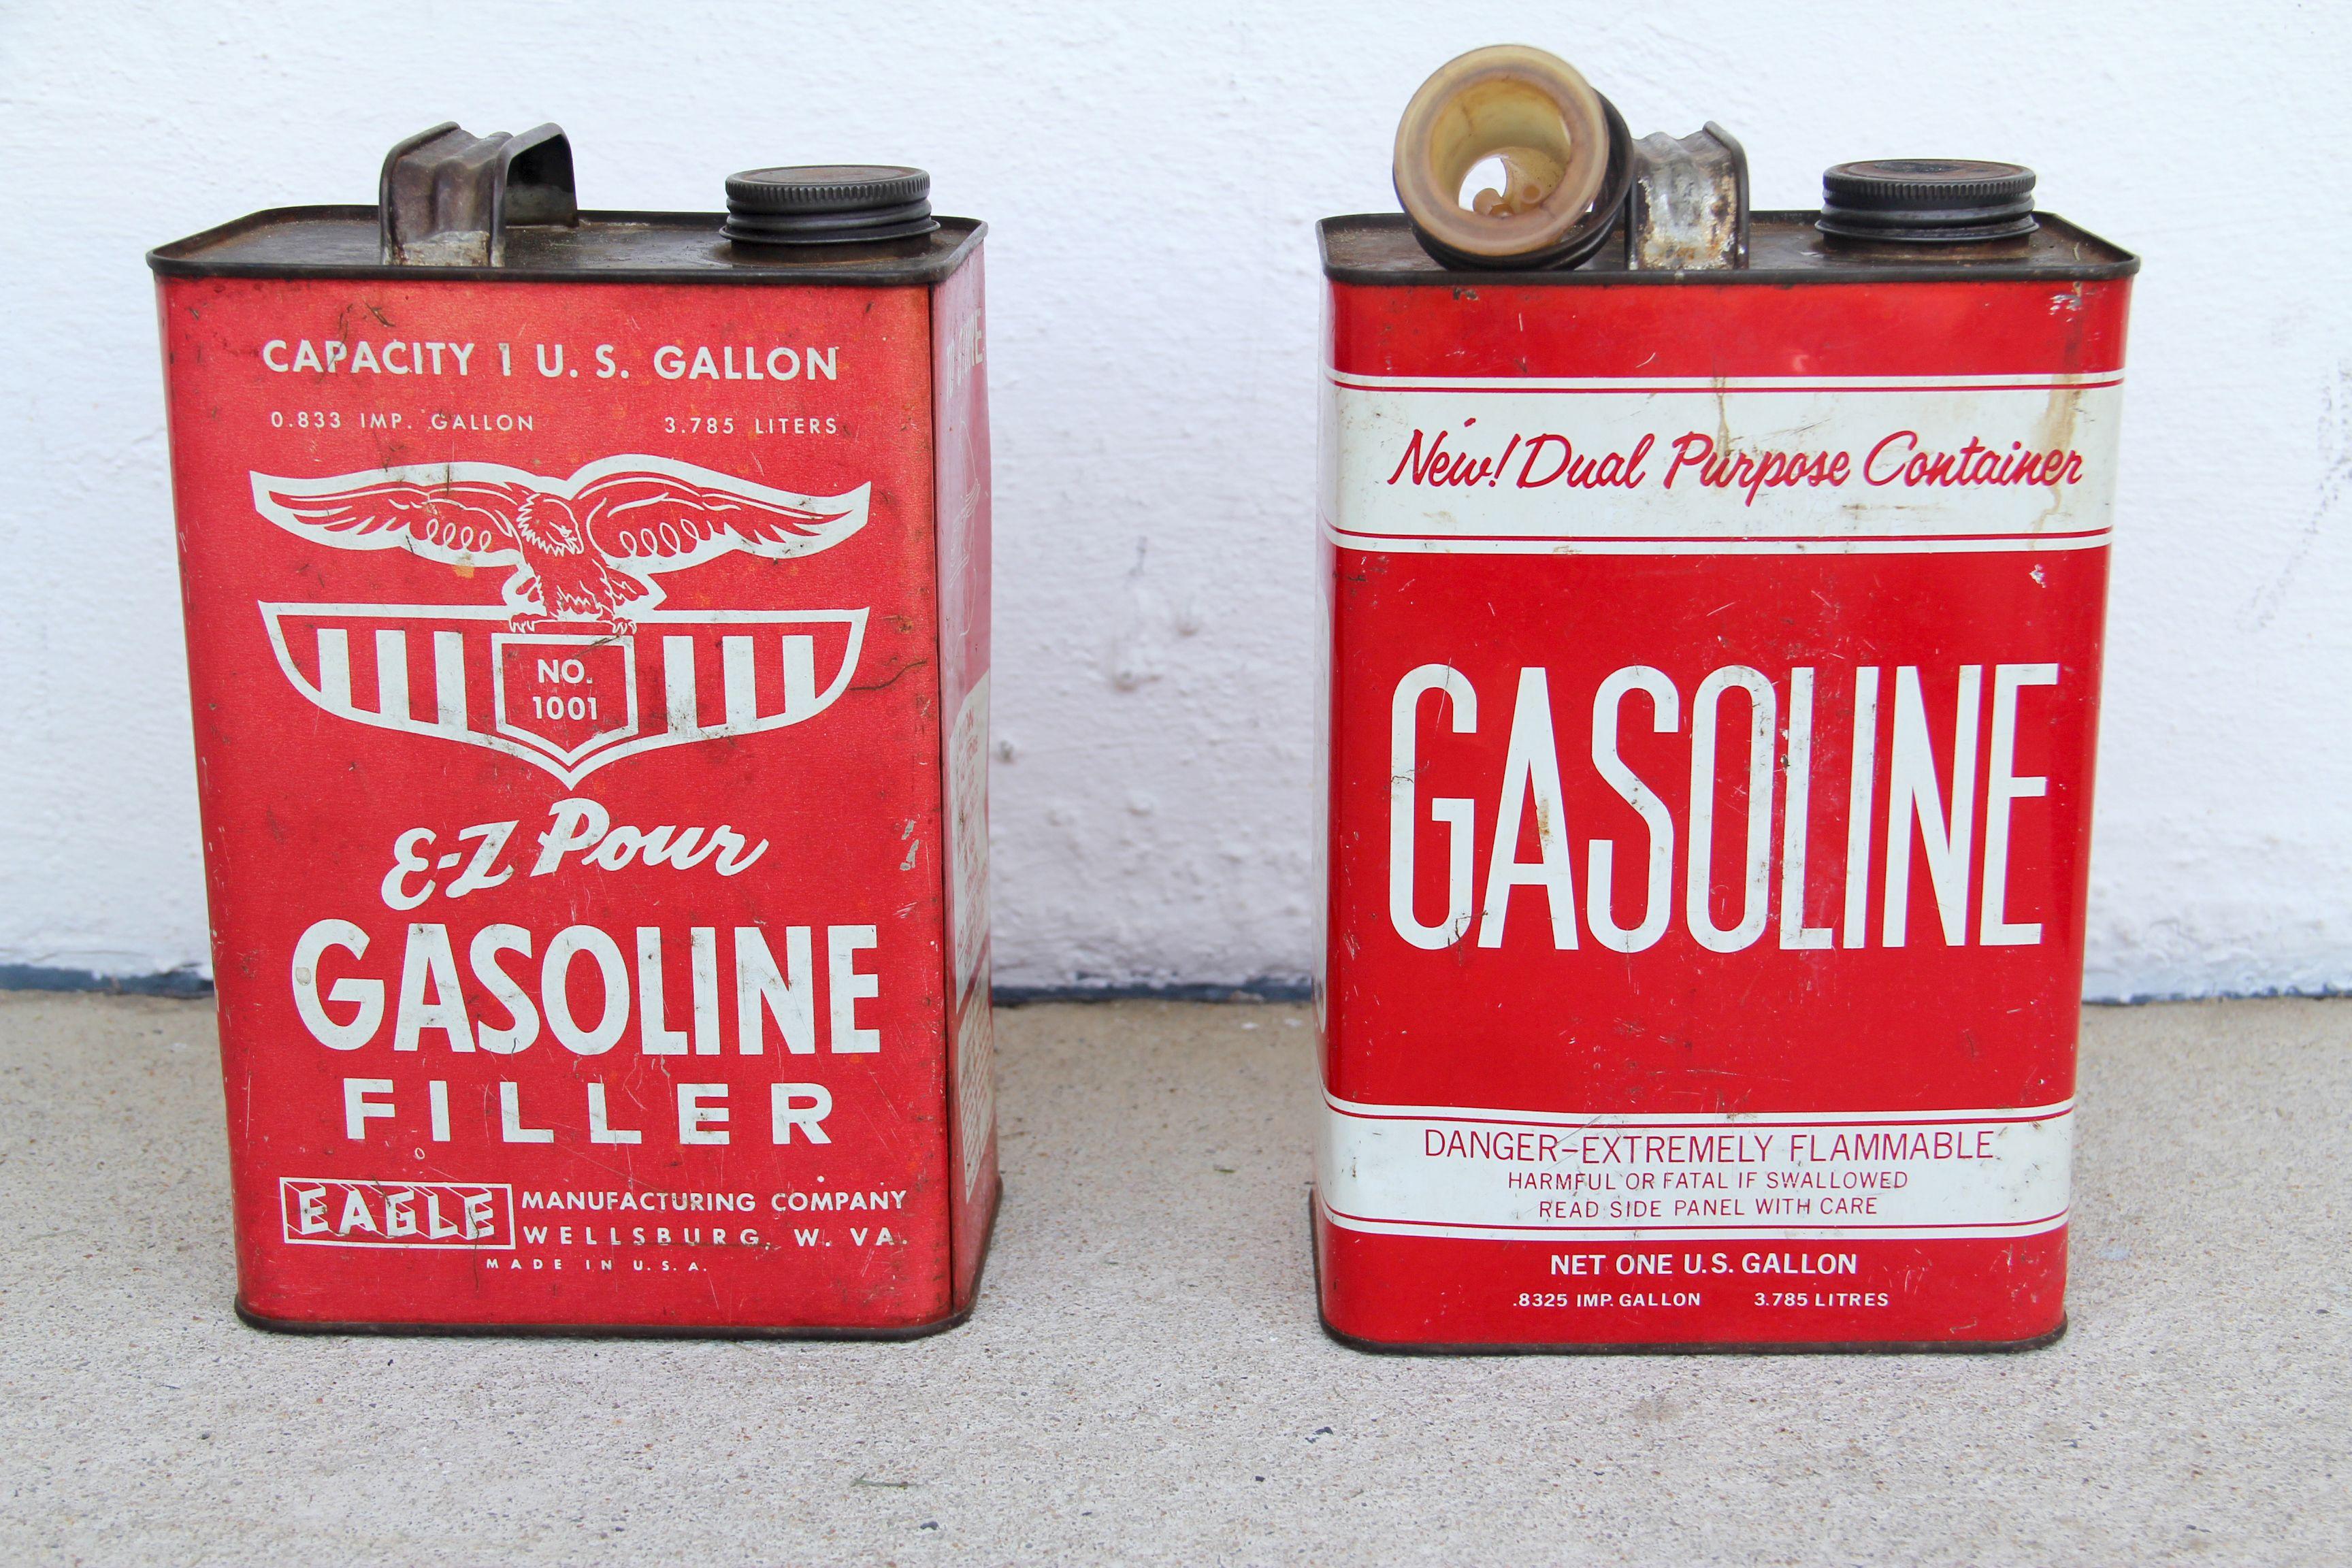 Vintage product design